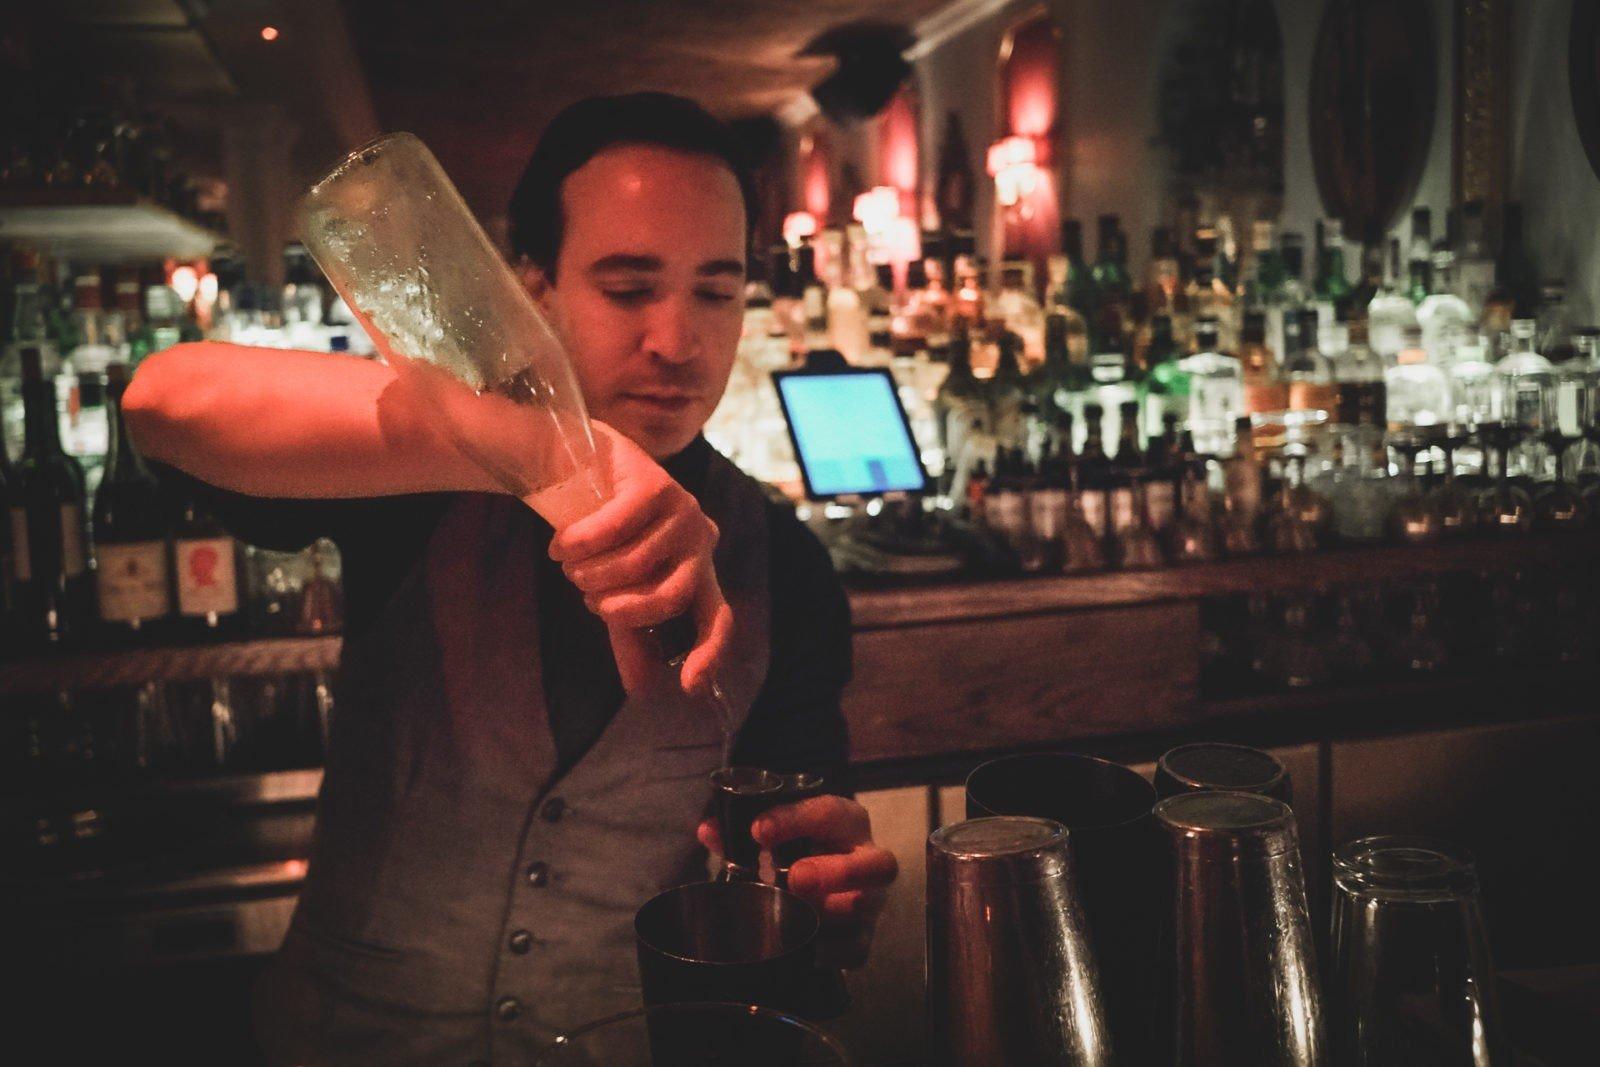 Ian, The head bartender of Le Boudoir